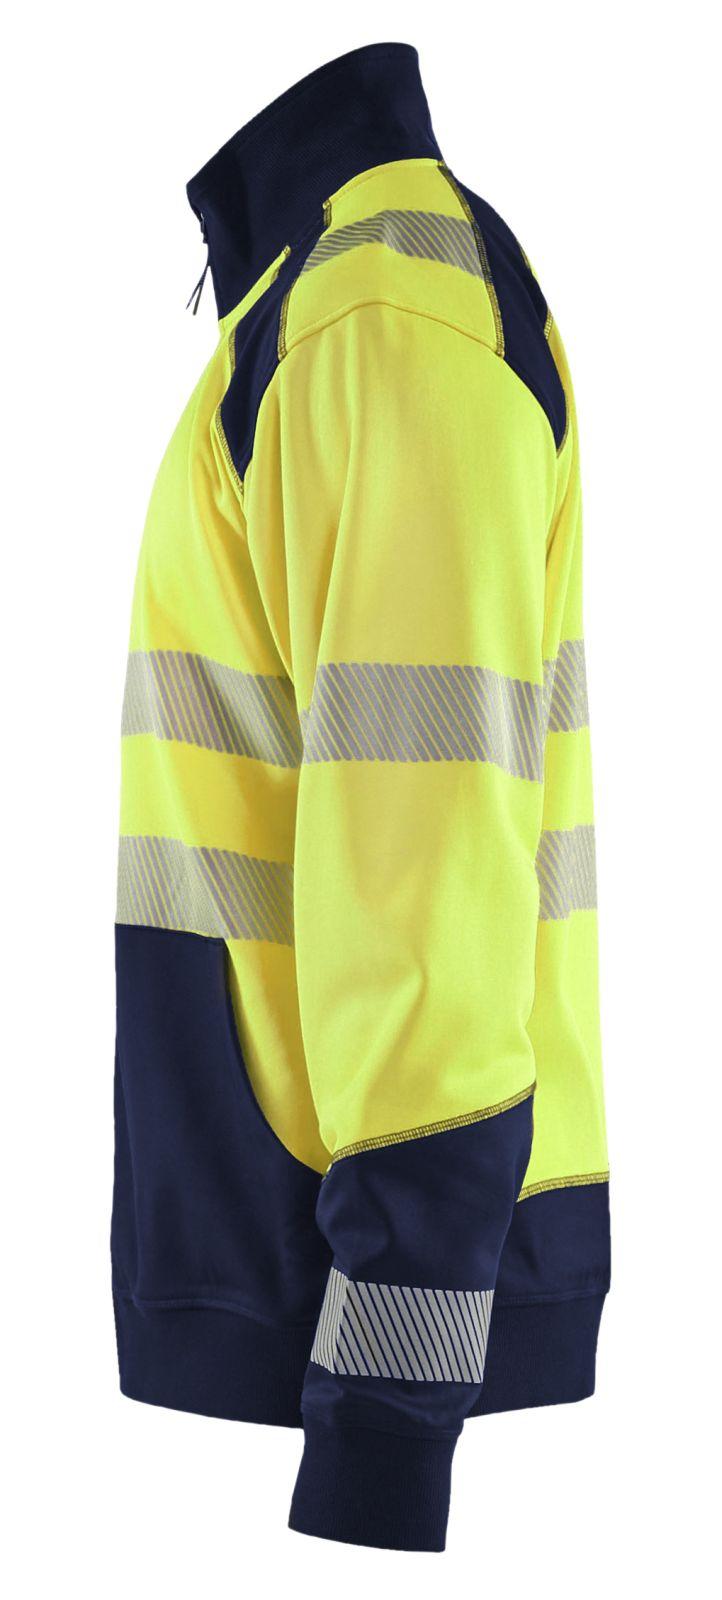 Blaklader Truien 35562528 High Vis fluo geel-marineblauw(3389)